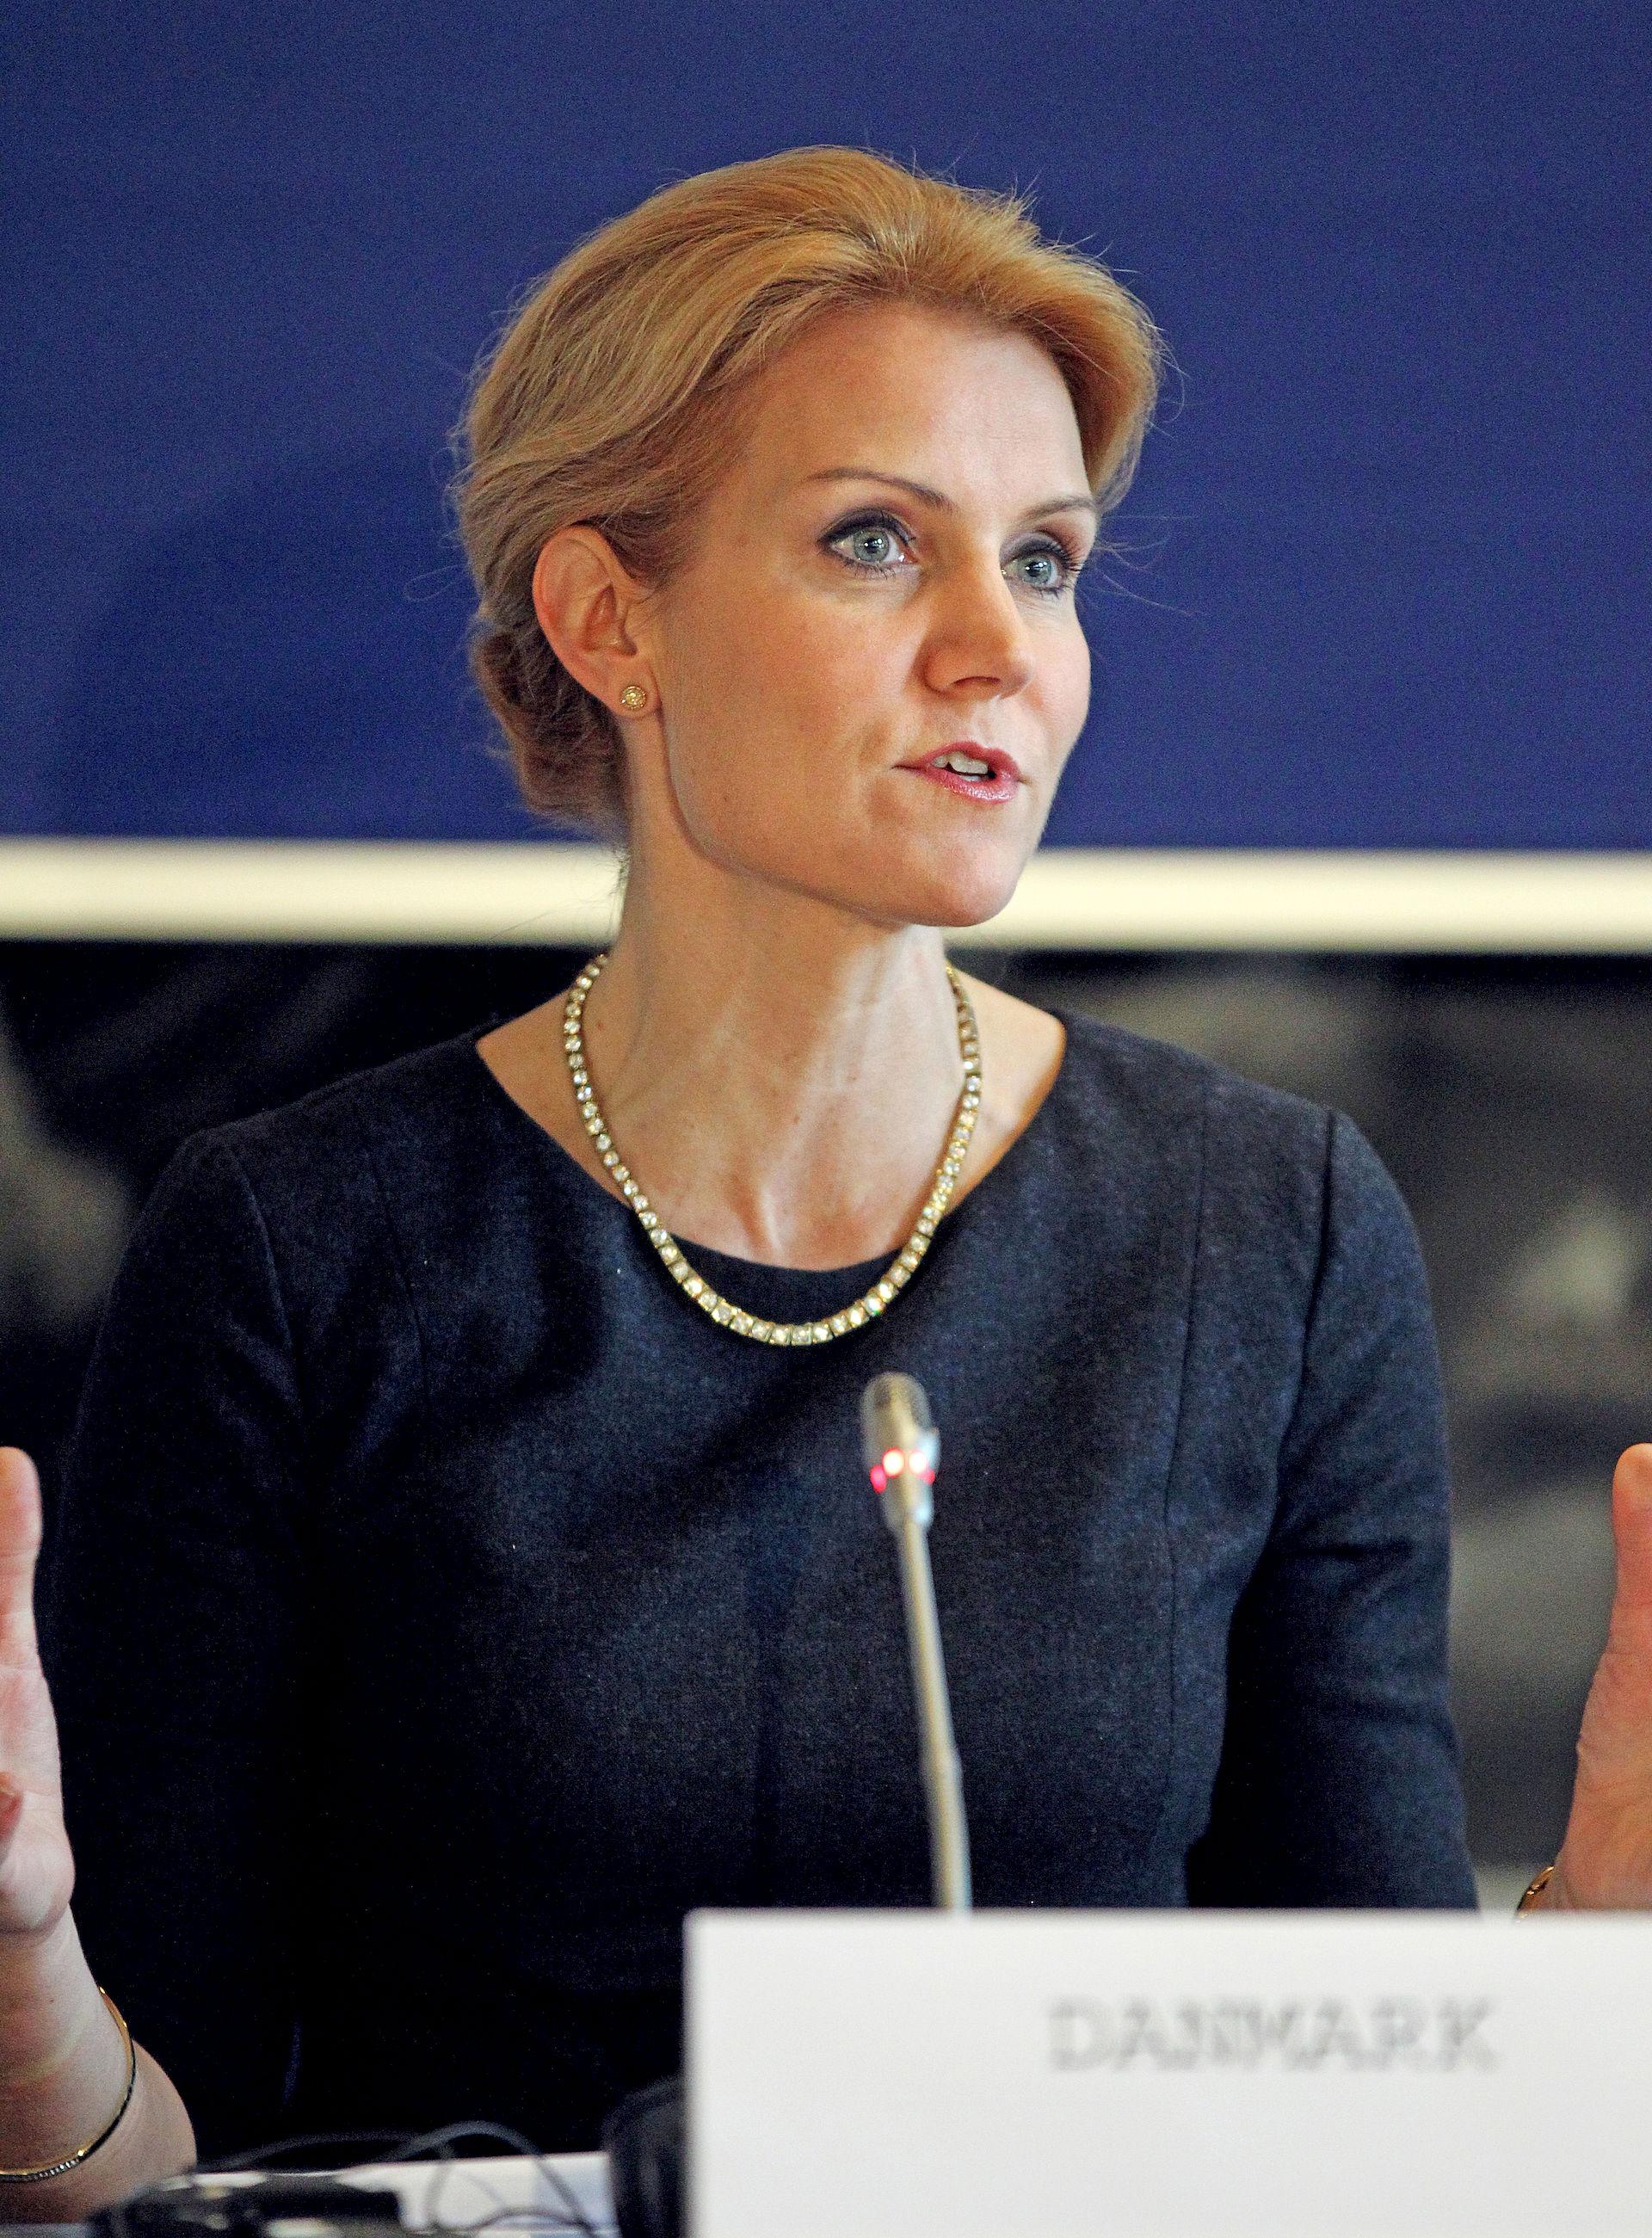 Photo of Helle Thorning-Schmidt: Danish politician, former Danish Prime Minister